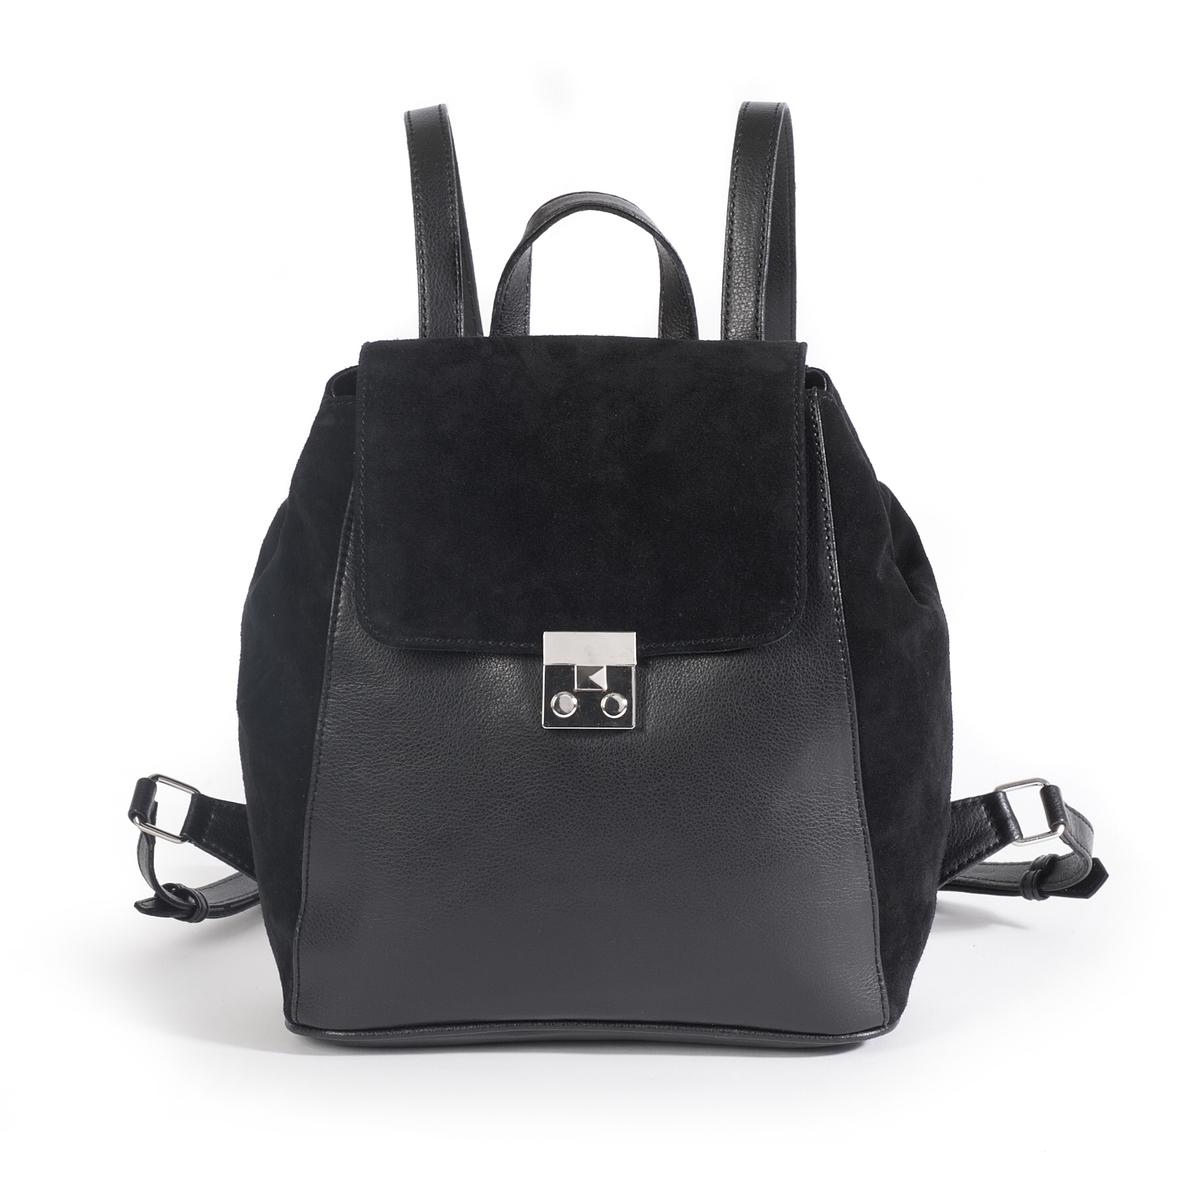 Рюкзак кожаныйОписание:Красивые материалы, графическая застежка, практичная и современная сумка, которую можно носить в руках и как модный и женственный рюкзак.Состав и описание :  •  Материал : верх спилок/козья кожа                        подкладка из текстиля •  Размер : Ш.33 X В.30 X Г.12 см •  Застежка : замочек Внутренний карман : 1 карман на молнии и 1 карман для мобильного телефонаРегулируемые бретелиМожно носить через плечо или в руках<br><br>Цвет: черный<br>Размер: единый размер